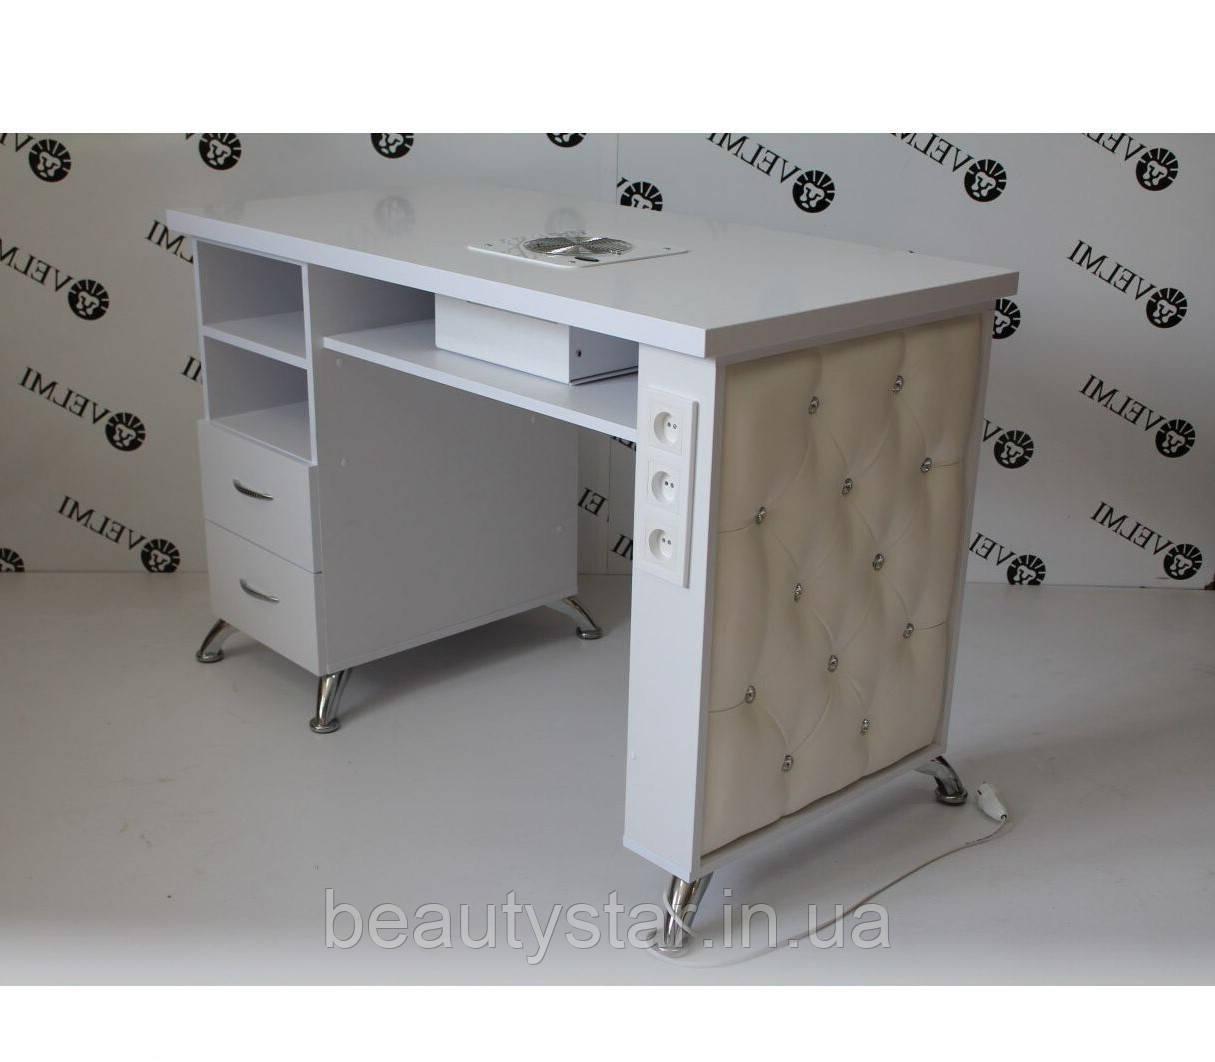 Маникюрный стол функциональный для мастера маникюра VM139 Стол Nail однотумбовый без вытяжки для маникюра